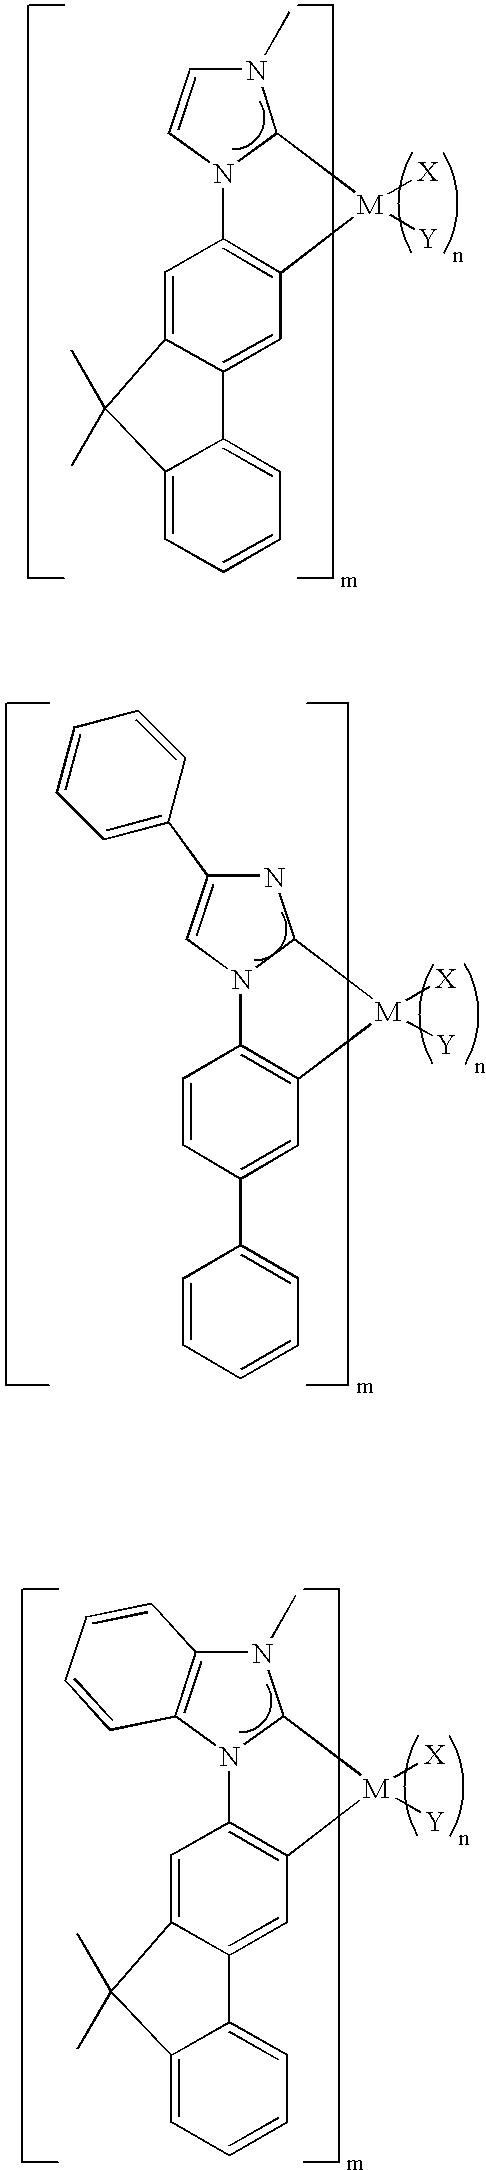 Figure US20090140640A1-20090604-C00033